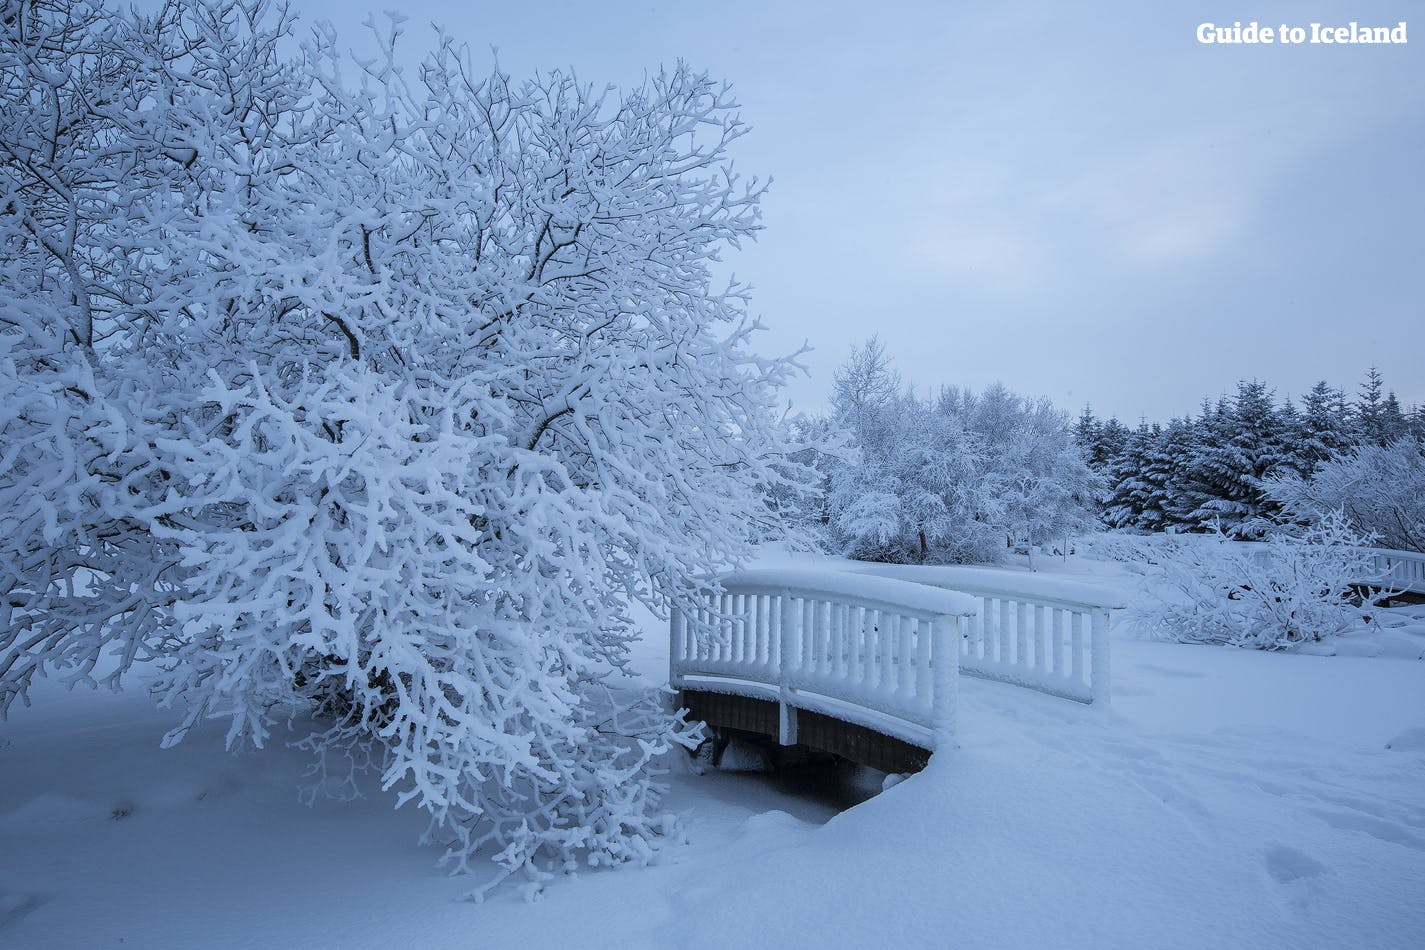 영화 속 겨울세상, 눈오는 레이캬비크